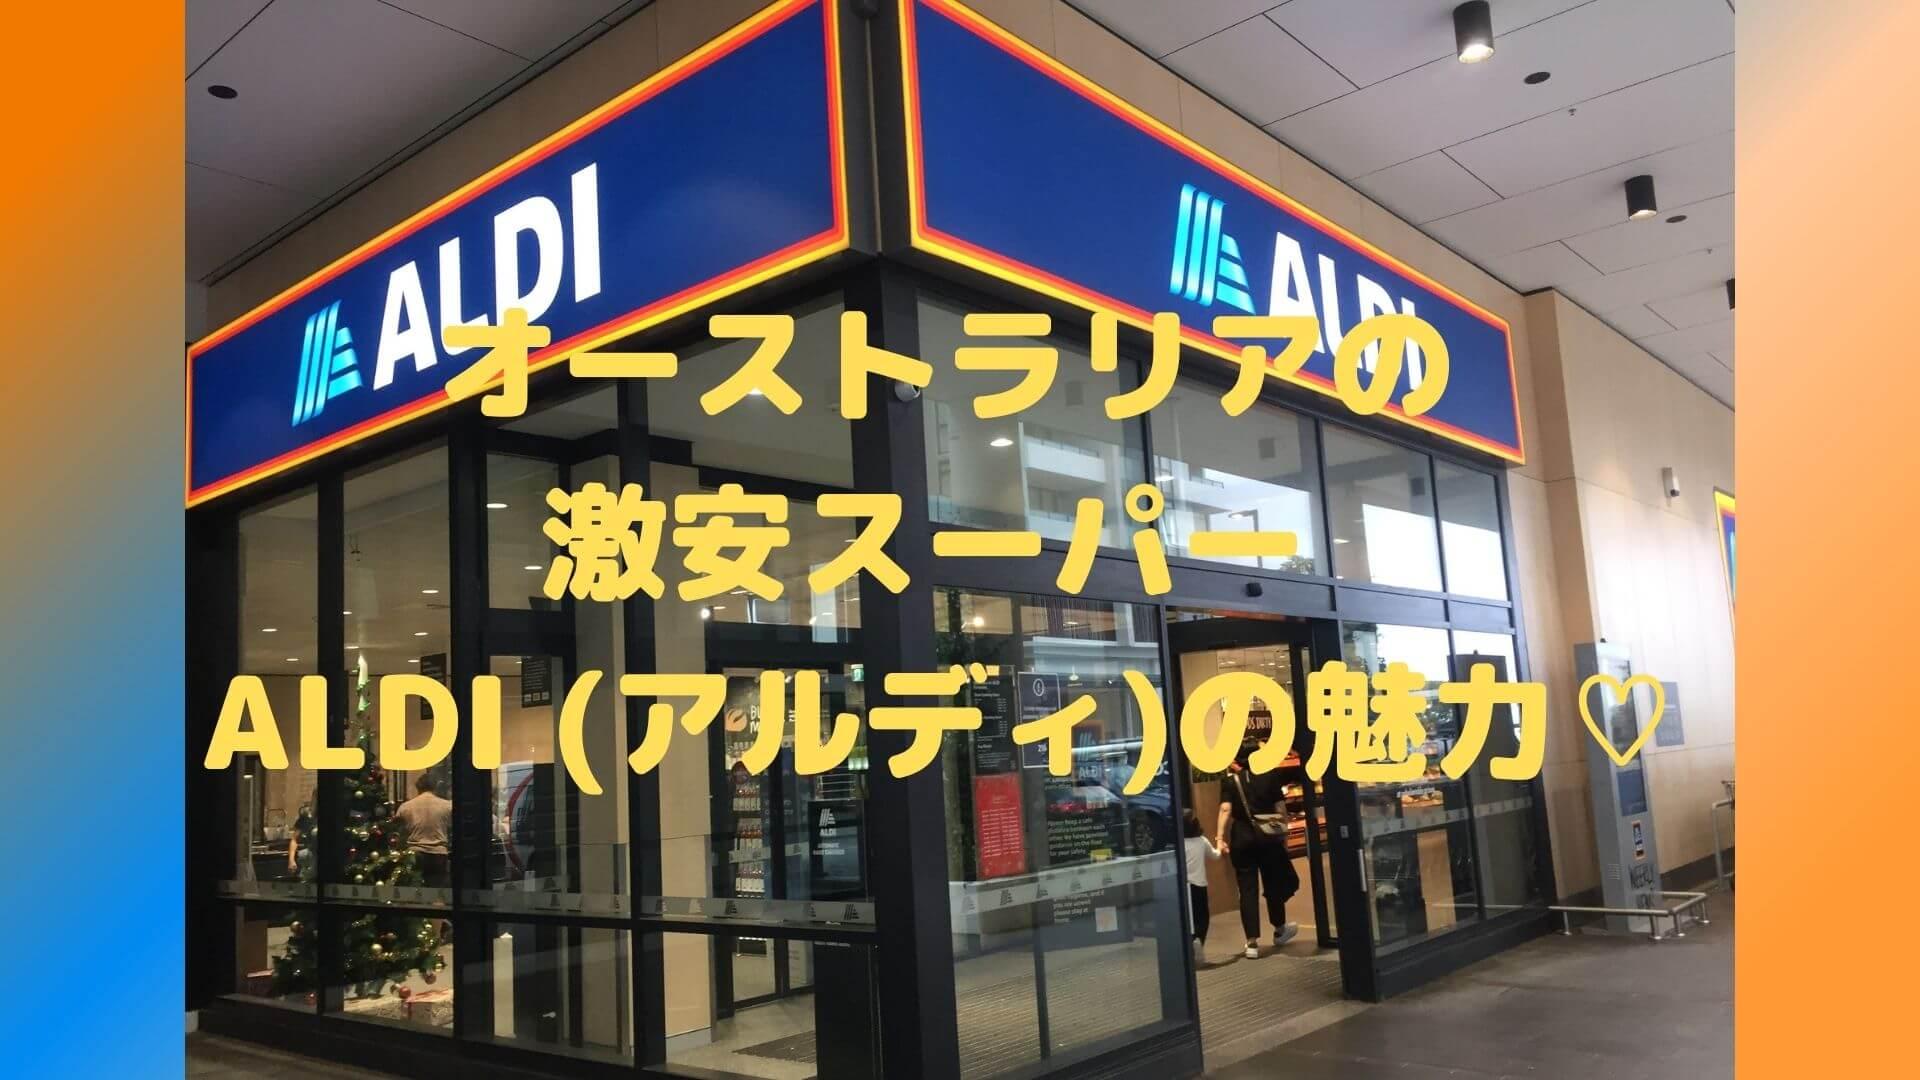 スーパーマーケットALDIの入り口